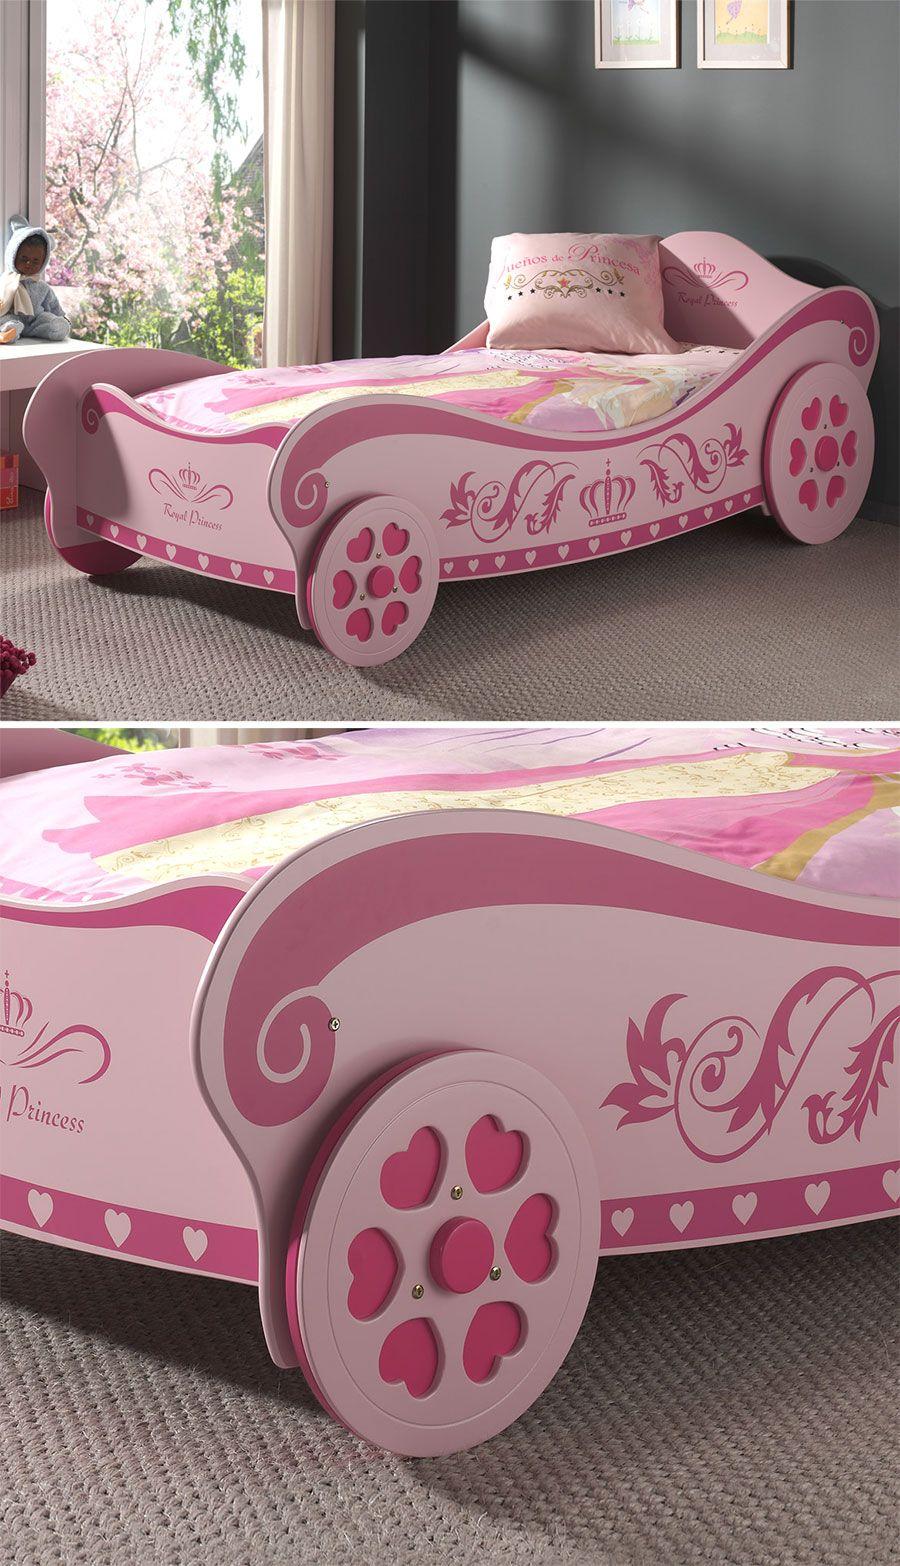 Mädchenhaftes Kutschenbett mit verspielten Rädern! | Betten.de ...